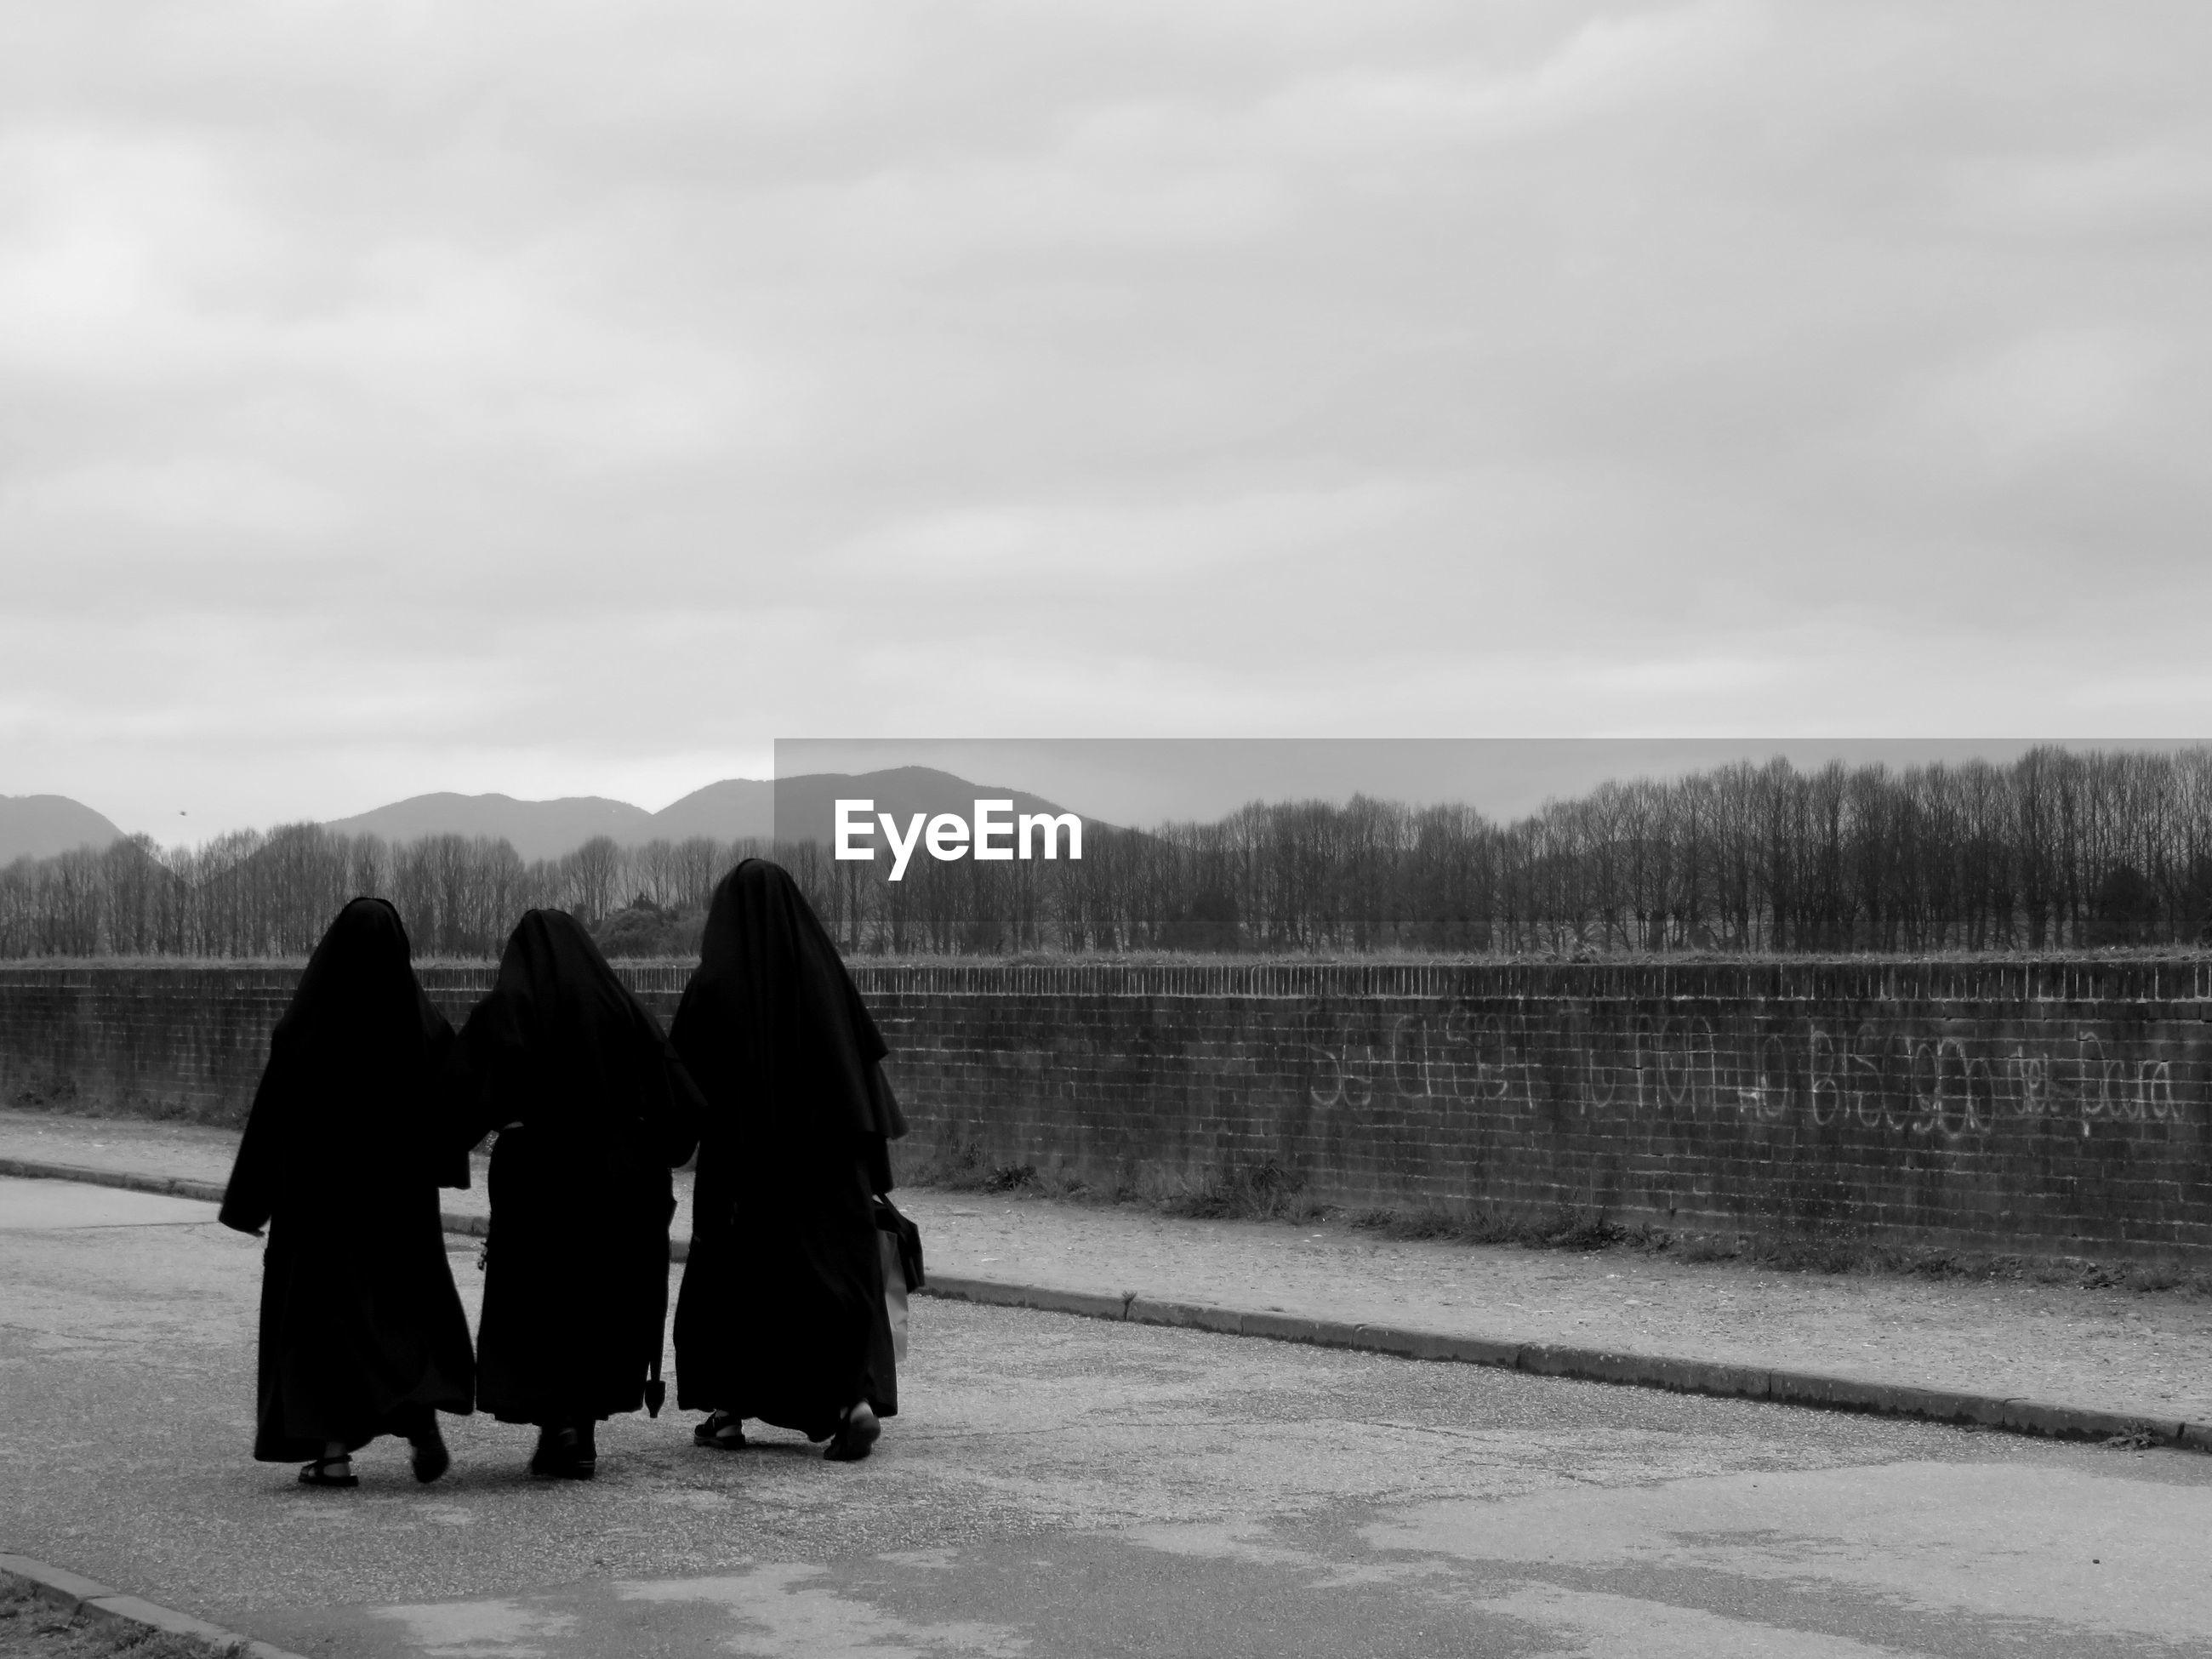 Rear view of women in burka walking on street